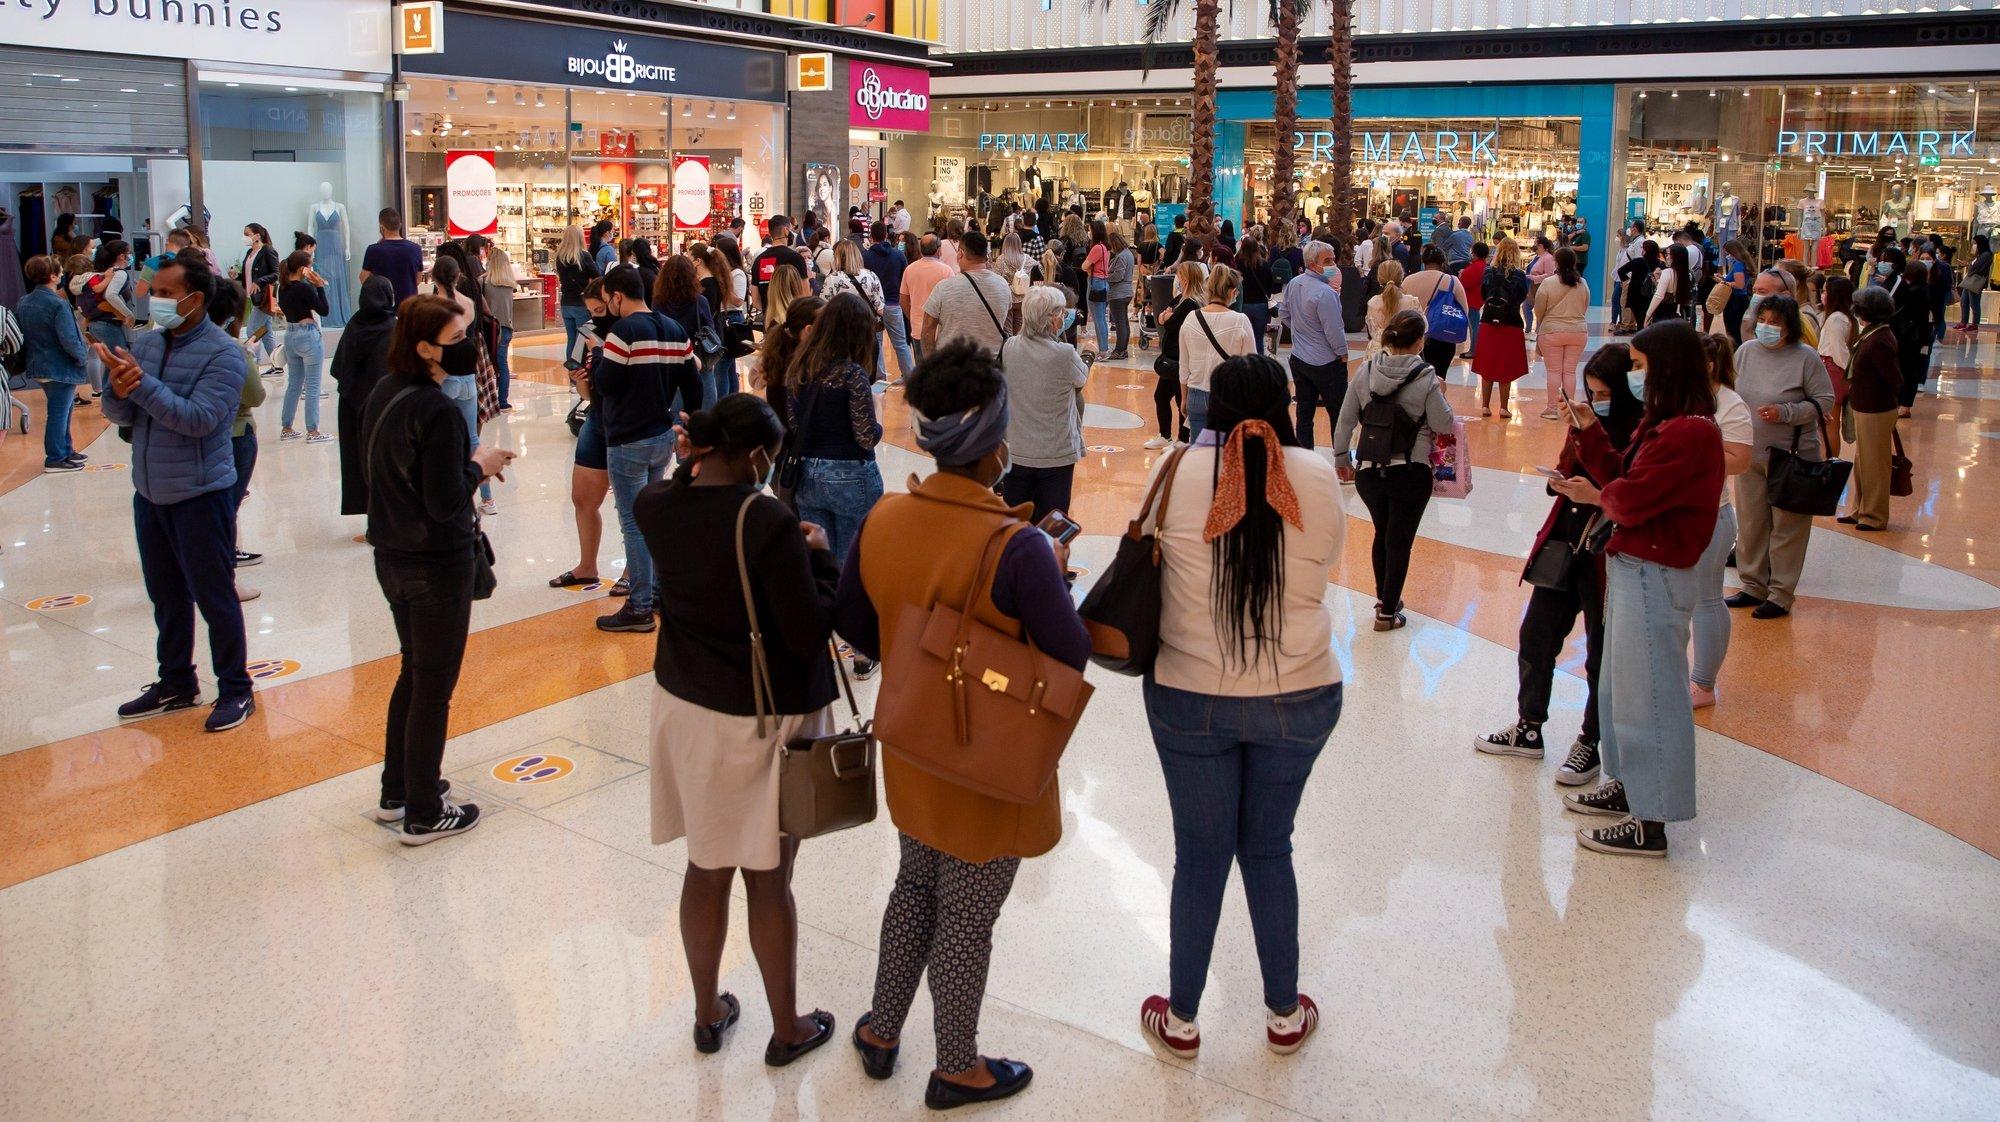 Pessoas fazem fila para entrar numa das lojas do Centro Comercial UBBO, no dia que marca o início da terceira fase de desconfinamento em Portugal, na Amadora, 19 de abril de 2021. Portugal inicia hoje a terceira fase do desconfinamento com a reabertura de mais escolas, lojas, restaurantes e cafés, um levantamento de restrições que não é acompanhado nos 10 concelhos onde a incidência da covid-19 é maior. JOSÉ SENA GOULÃO/LUSA